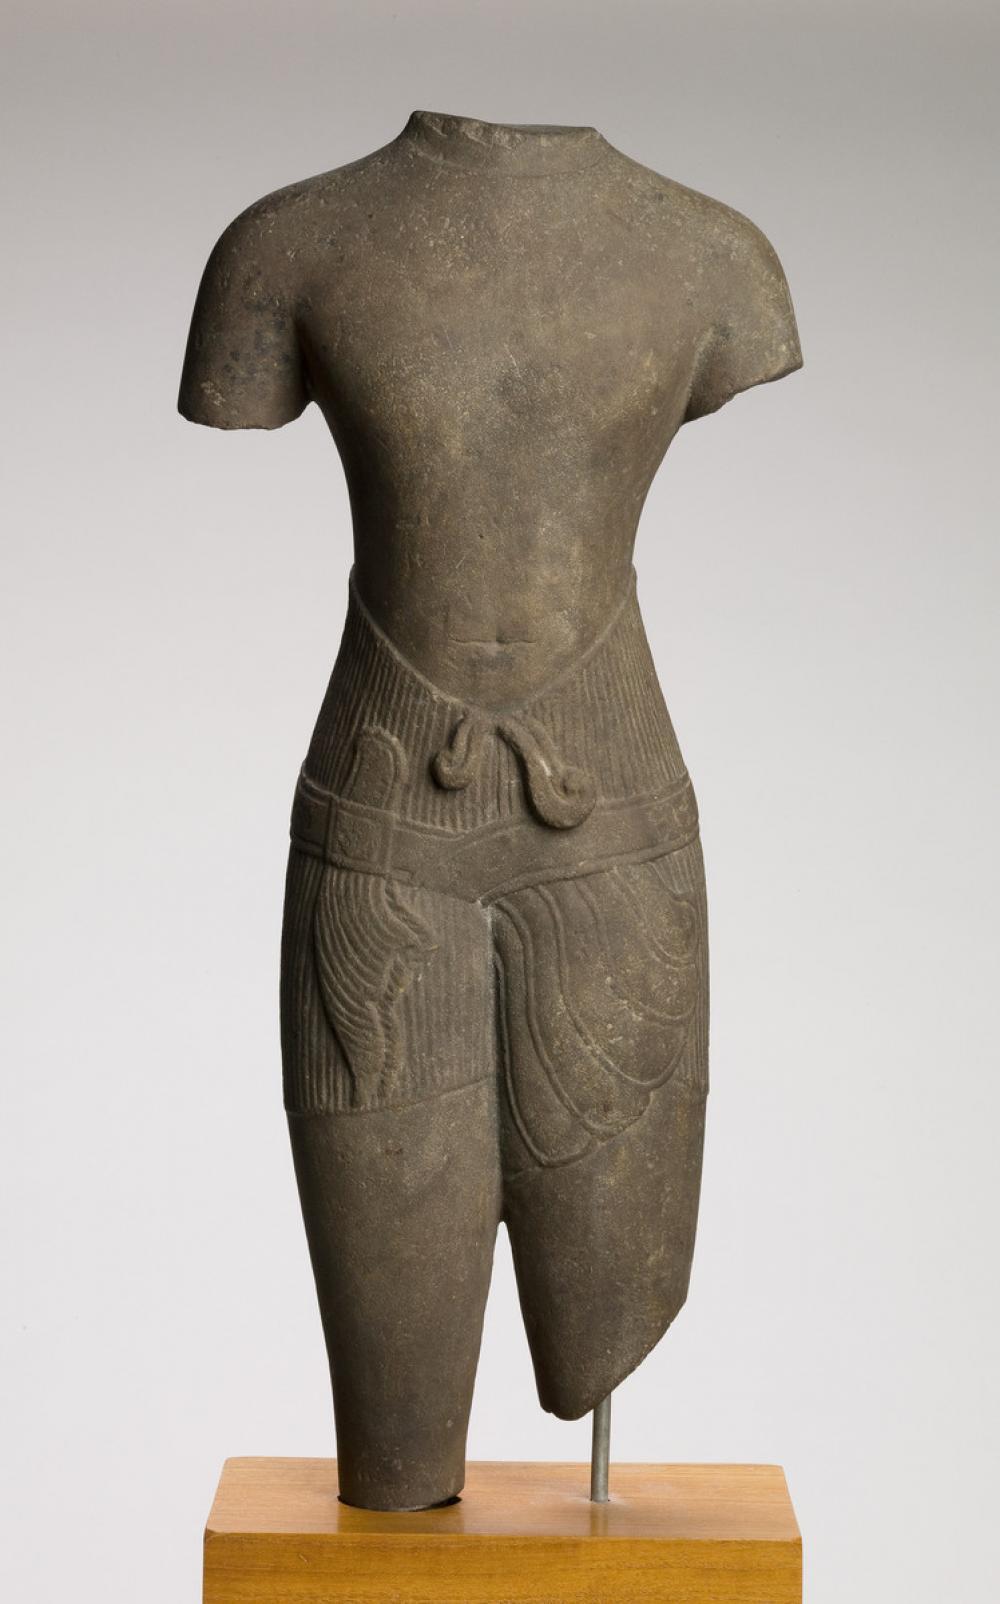 Cambodian, male torso